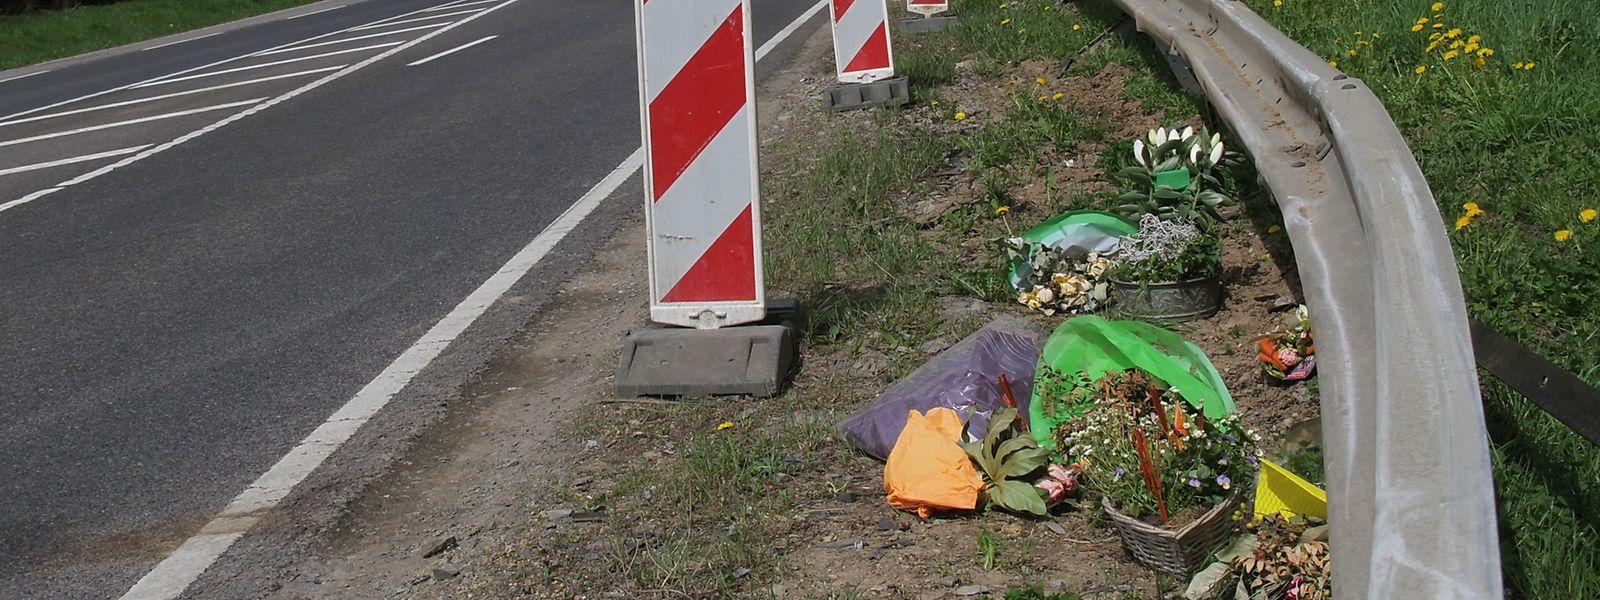 Blumen erinnern am Unfallort an das Unglück.